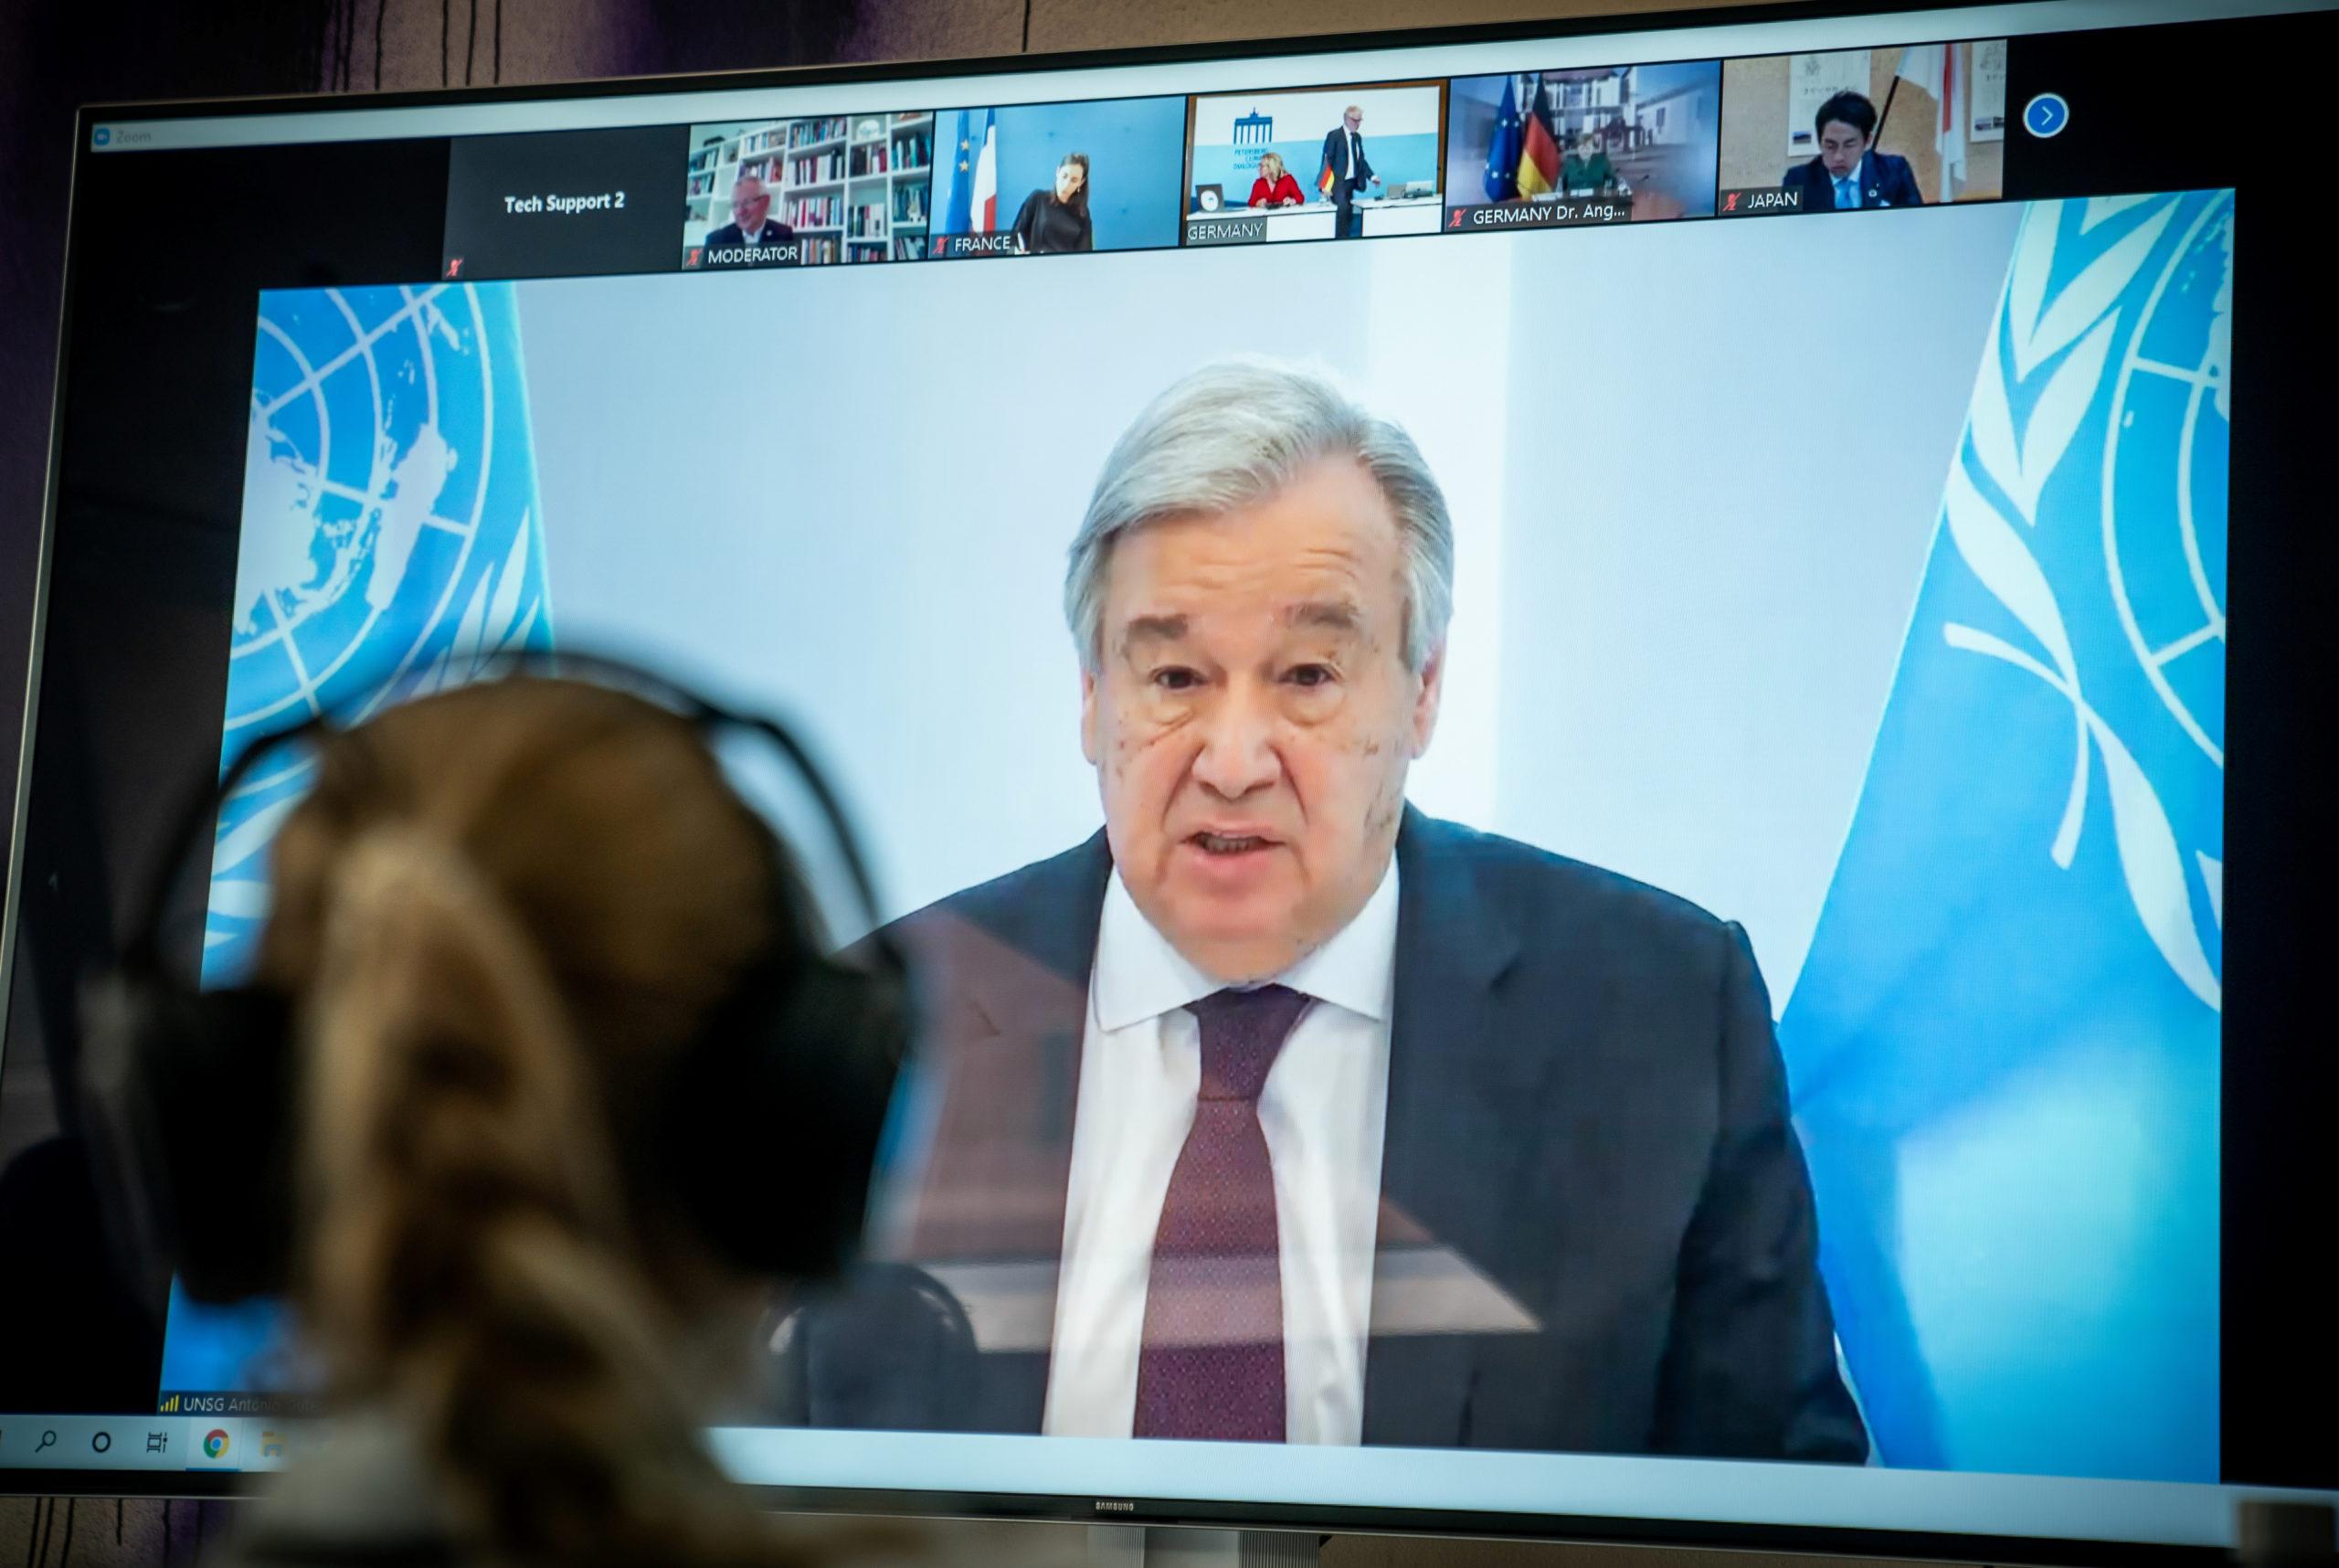 Des déclarations en vidéo au lieu d'une réunion physique à l'Onu en septembre